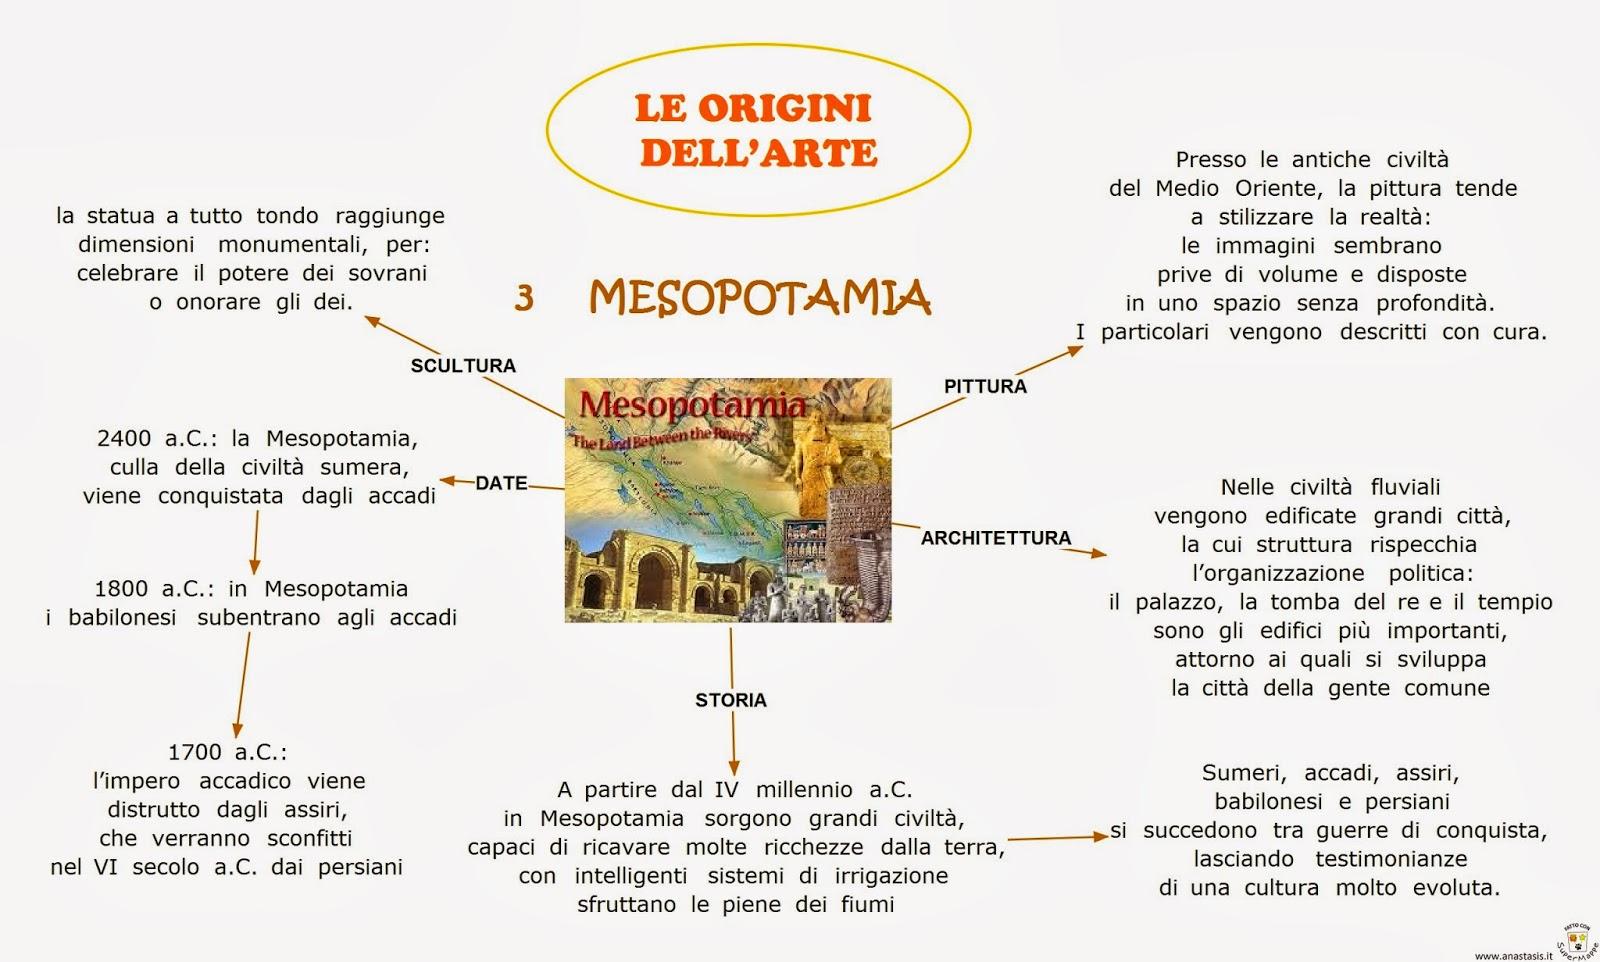 Paradiso Delle Mappe Le Origini Dell Arte Mesopotamia